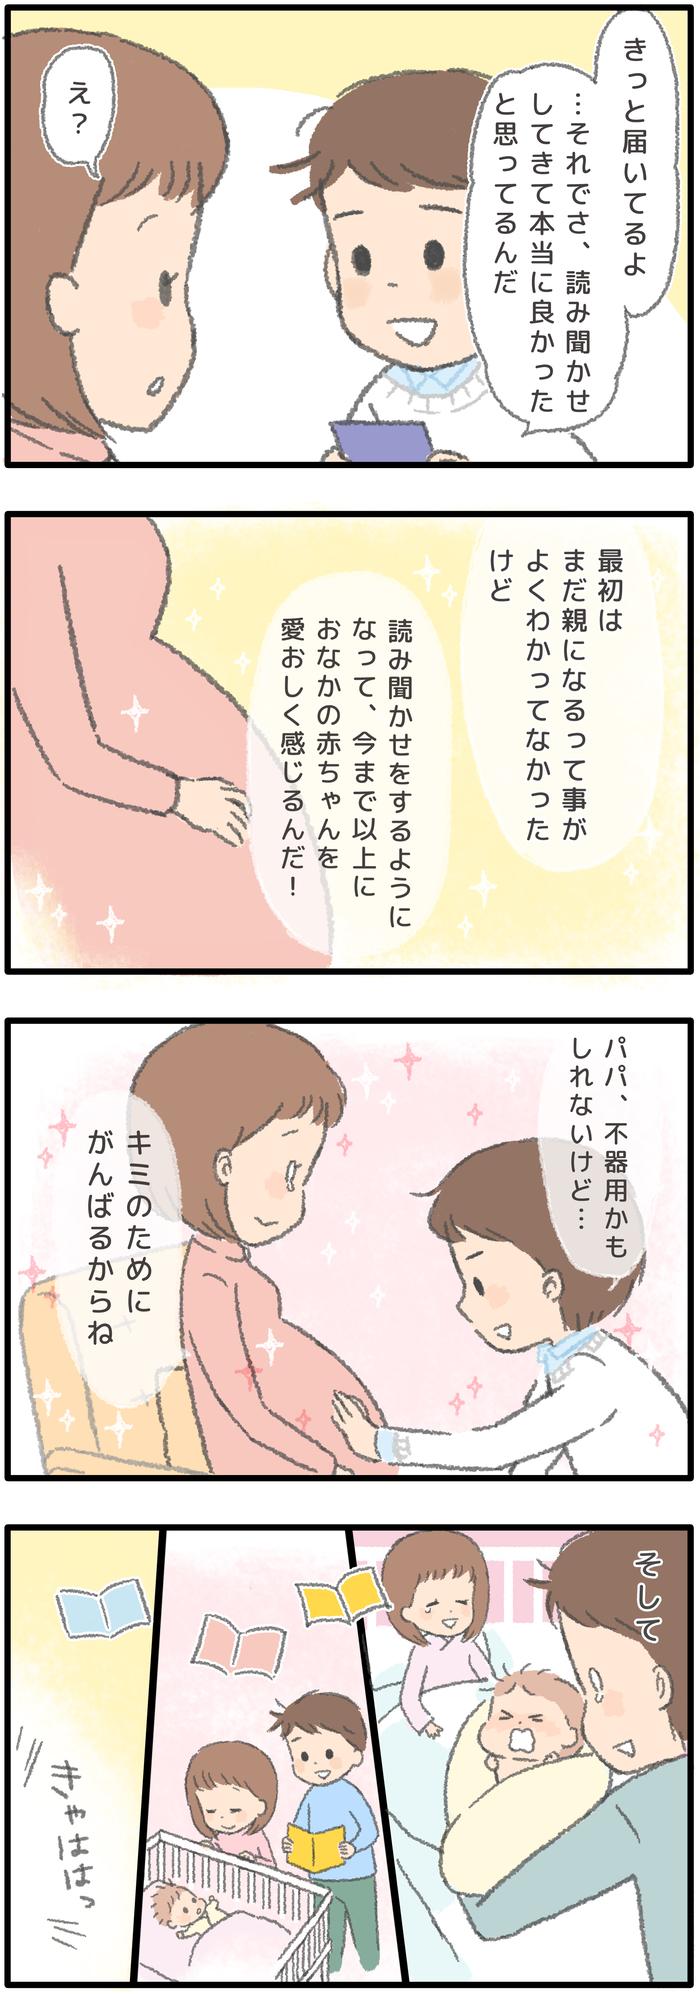 「妊娠中から始めて良かった」ママとパパがそう思った、親になるための準備とは?の画像6